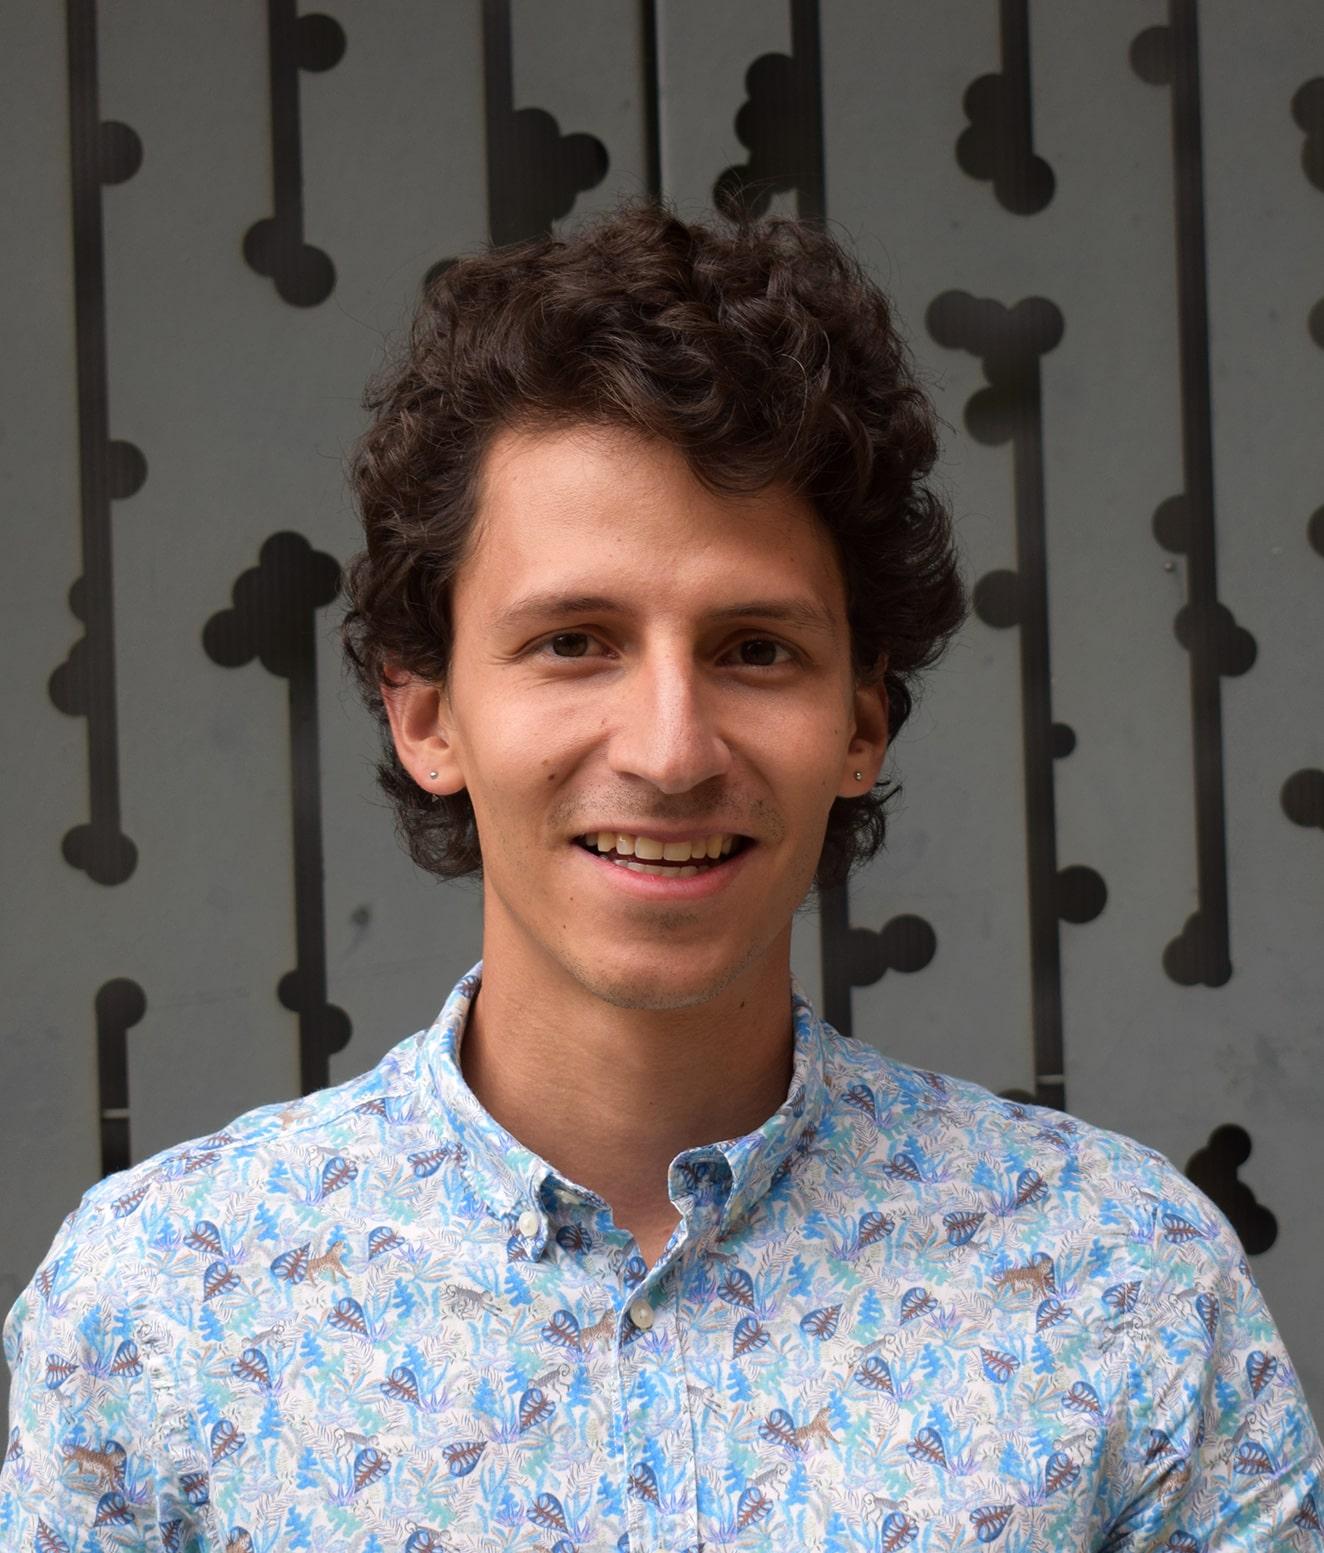 Camilo Vergara Munera